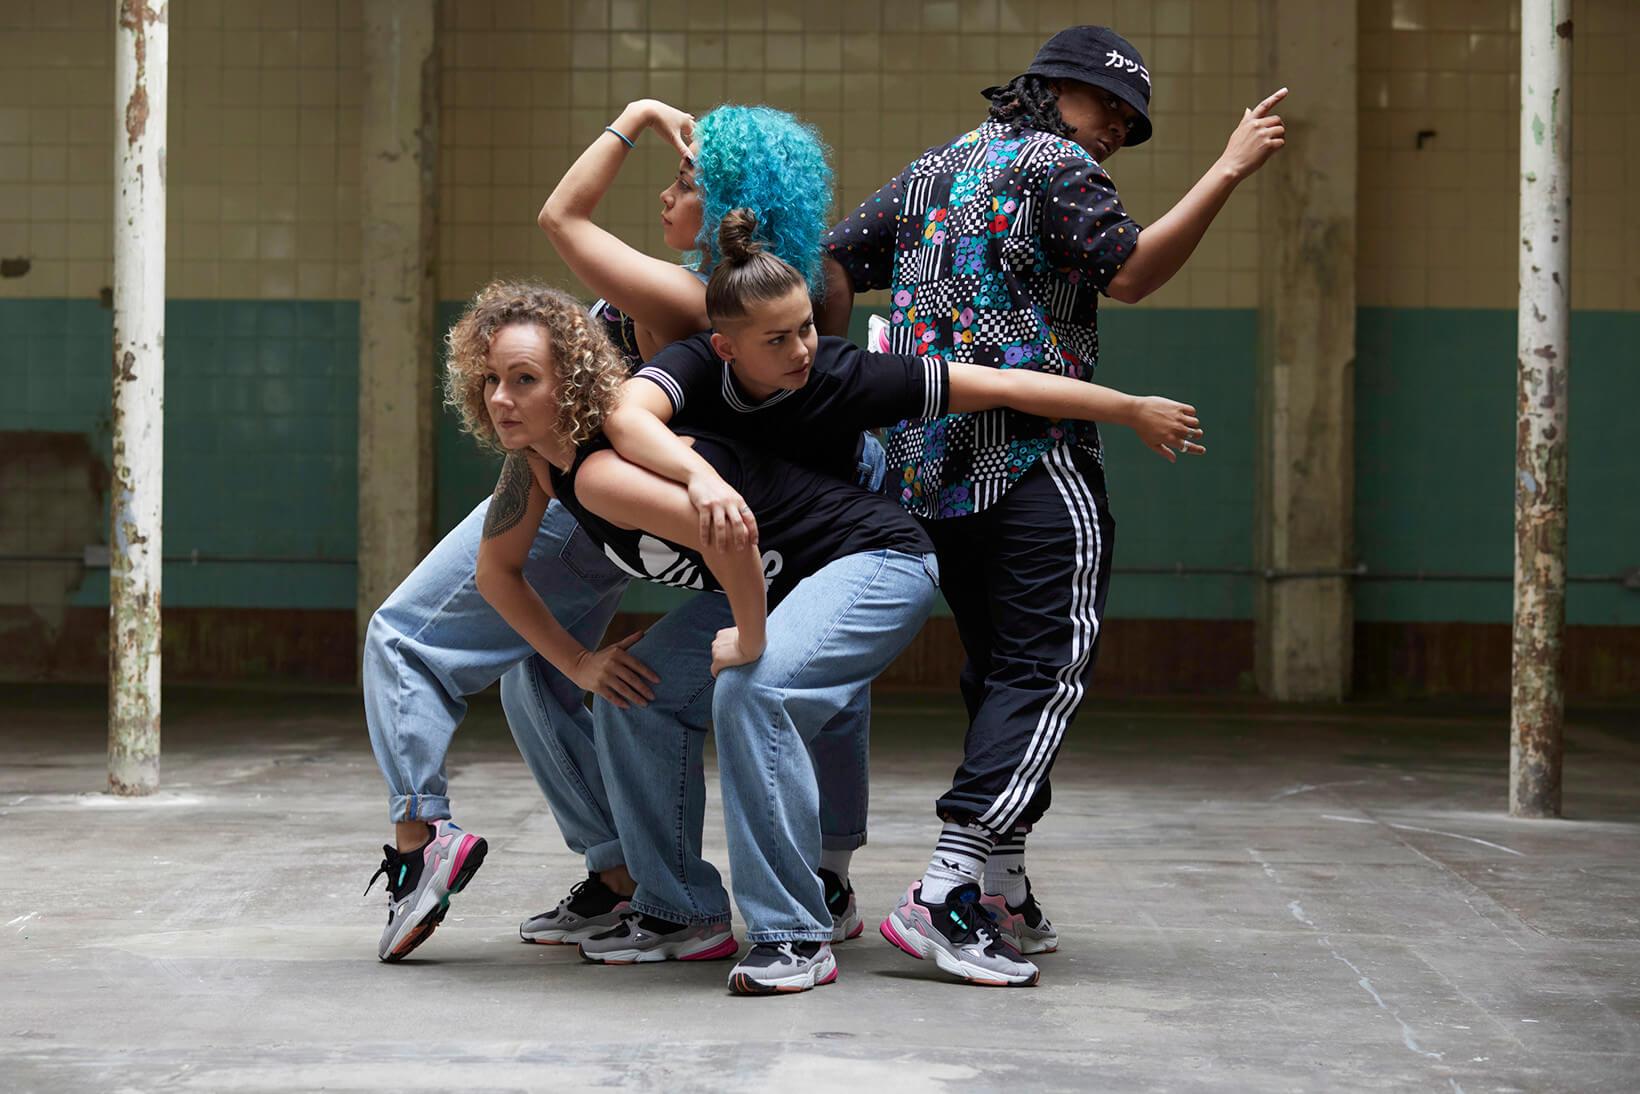 pam pam x adidas Originals: un throwback a los 90 con breakdancing y estilo urbano